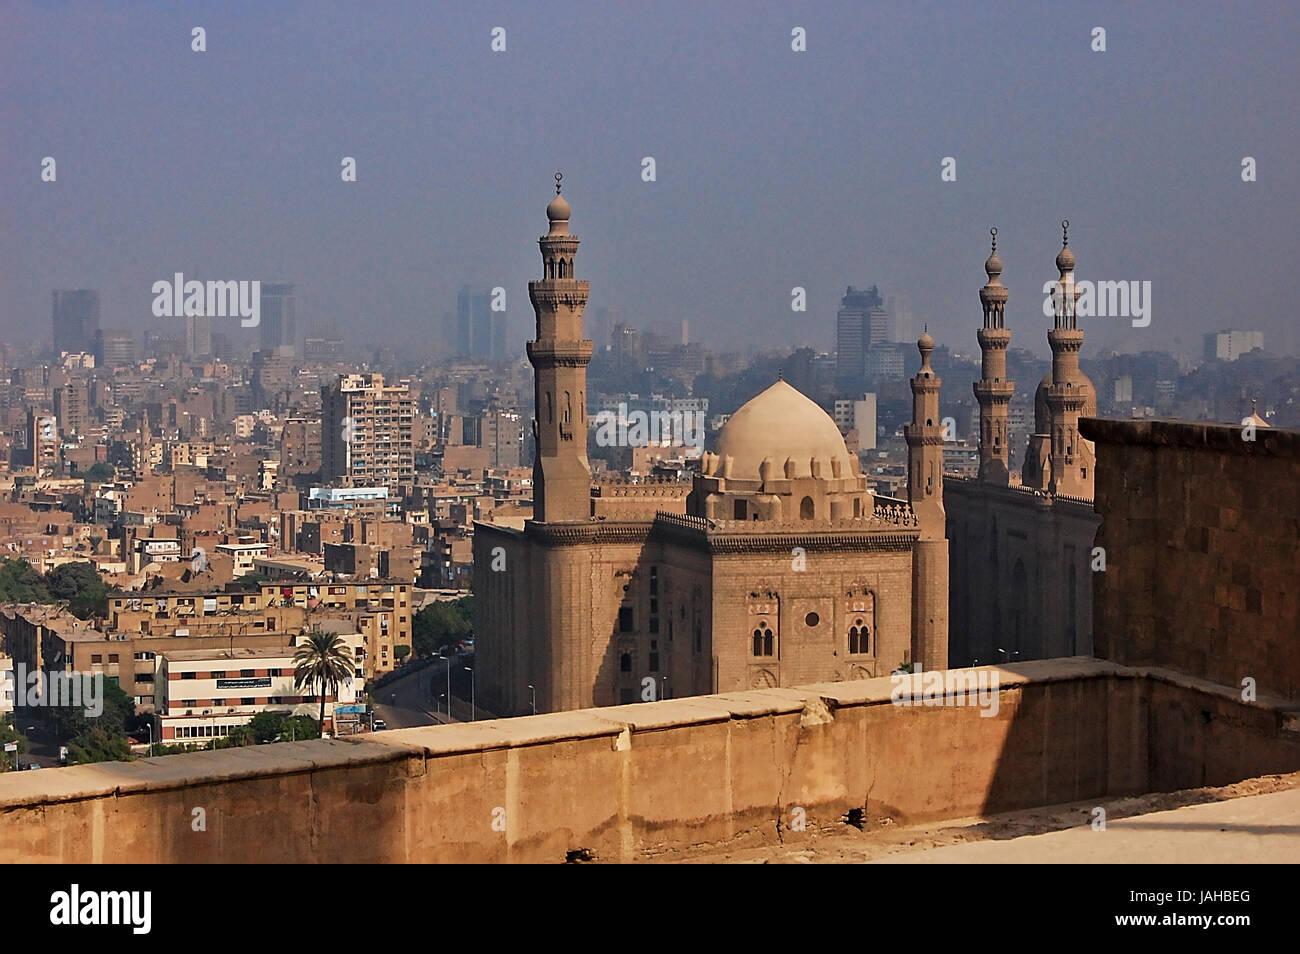 Fotografía tomada durante un viaje a Egipto en 2010 Imagen De Stock